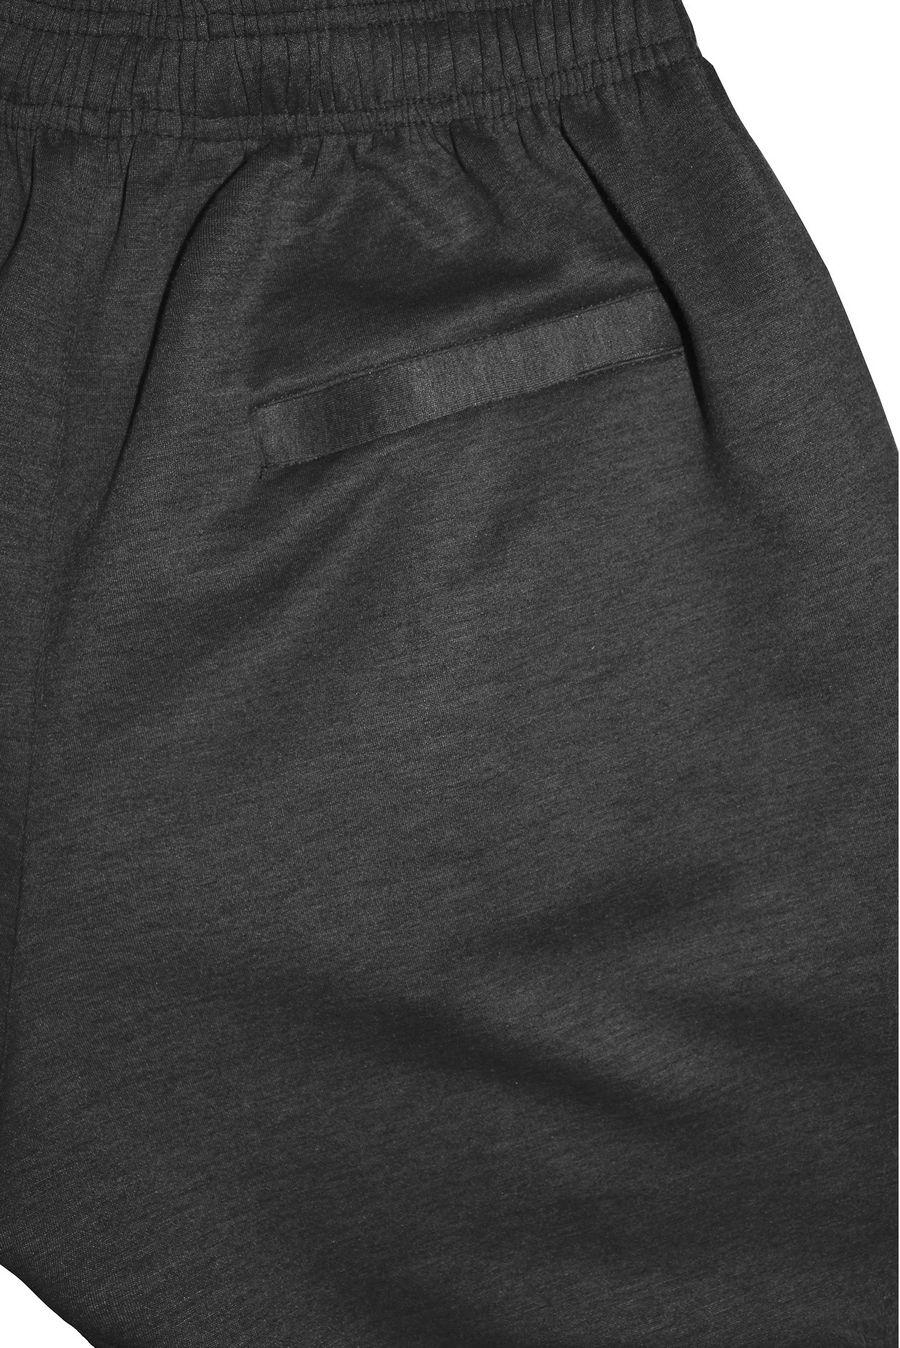 Брюки мужские GL 983 черные - фото 2